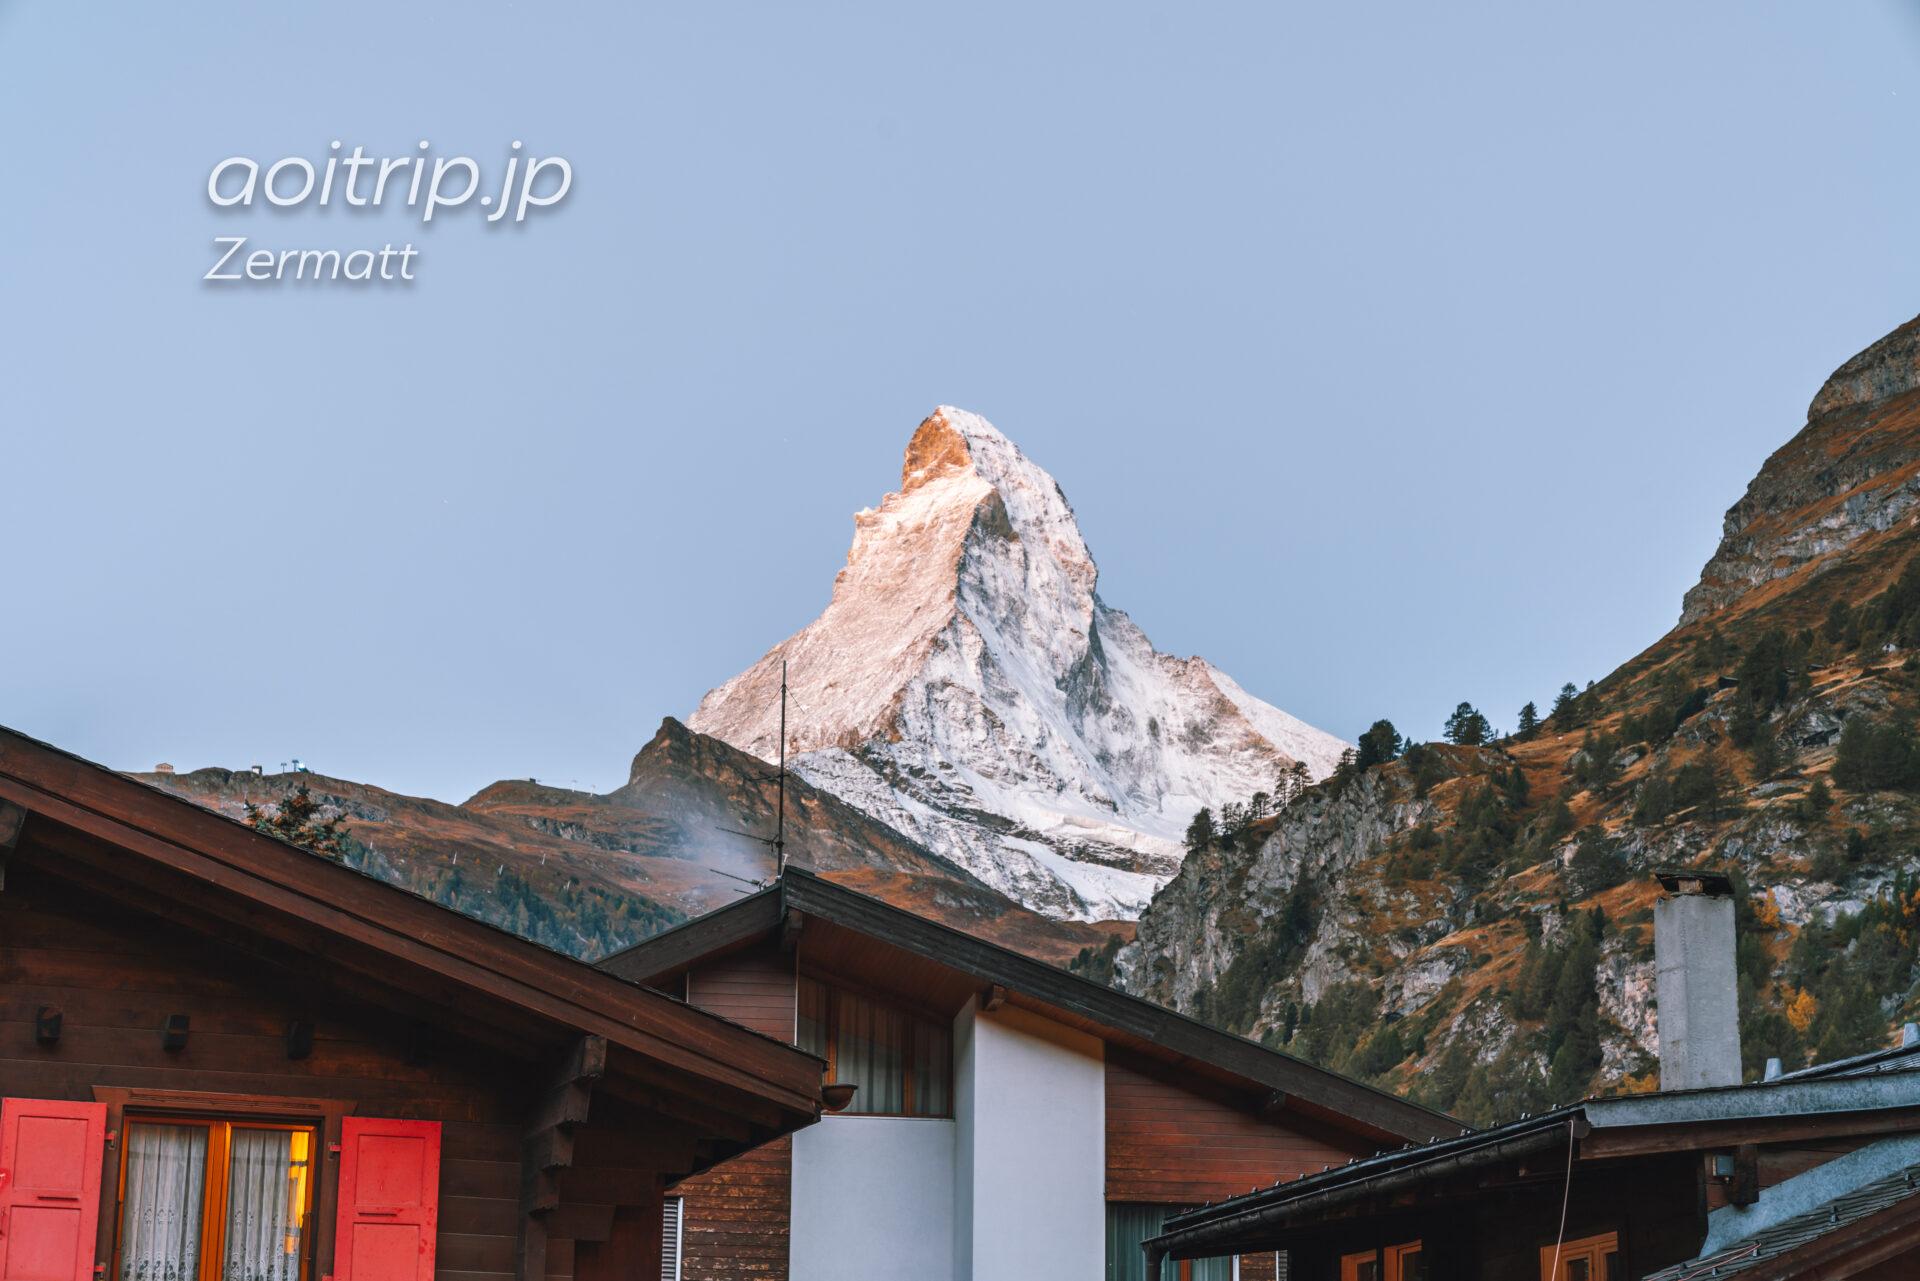 ホテル ブリストル スイス ツェルマットのマッターホルンビュー